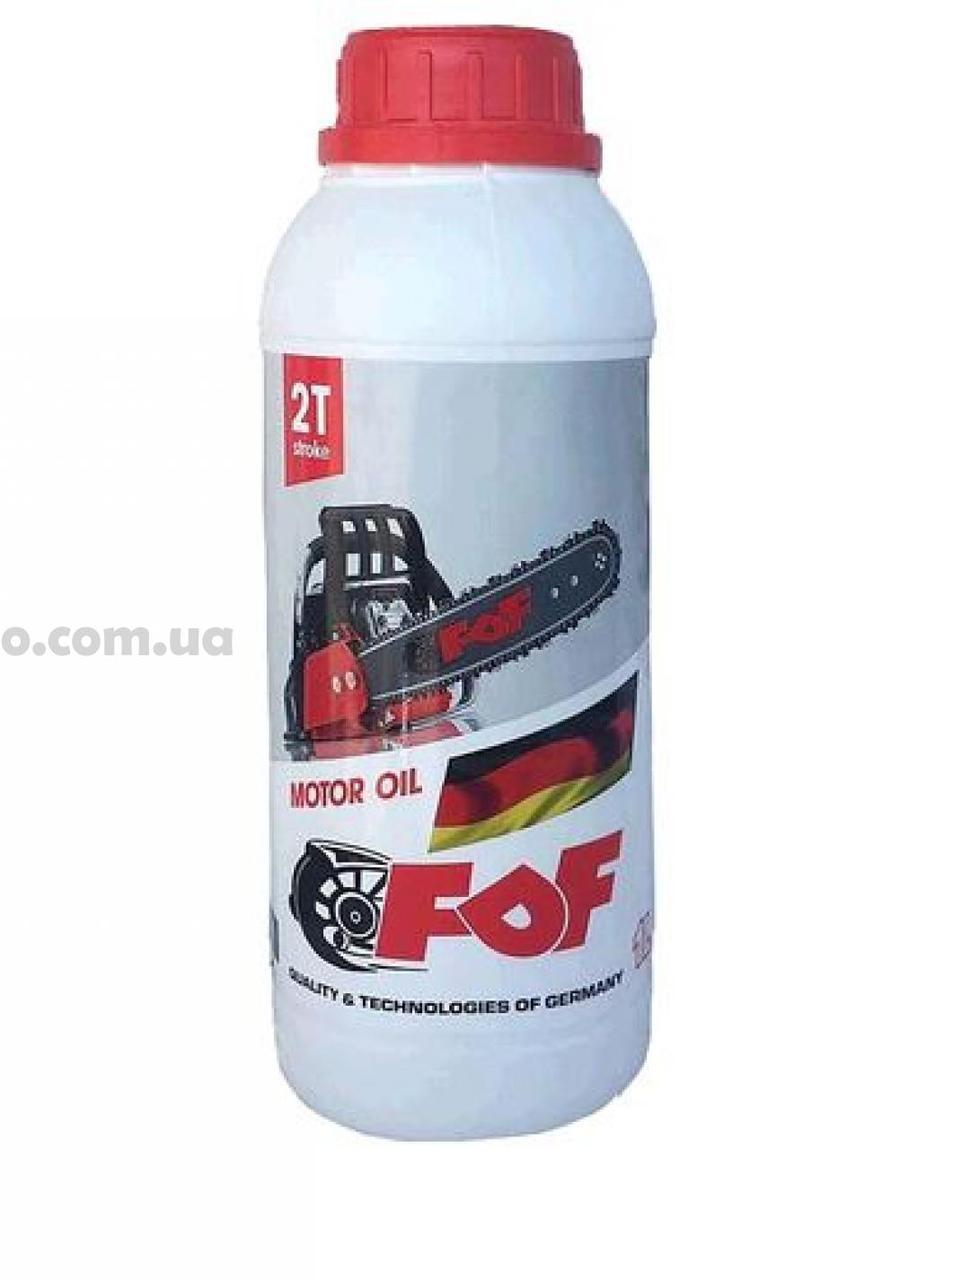 Масло 2T, 1л (минеральное) FDF (Германия)